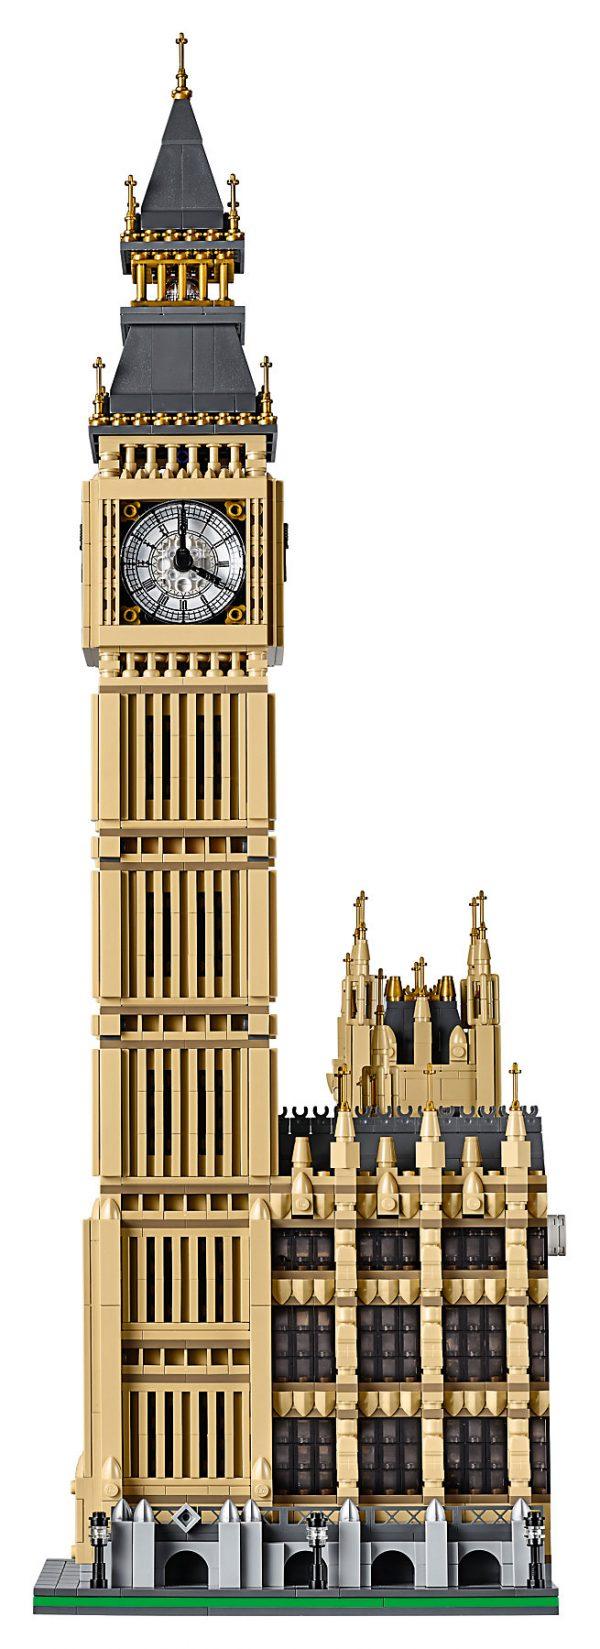 Huur de LEGO Big Ben